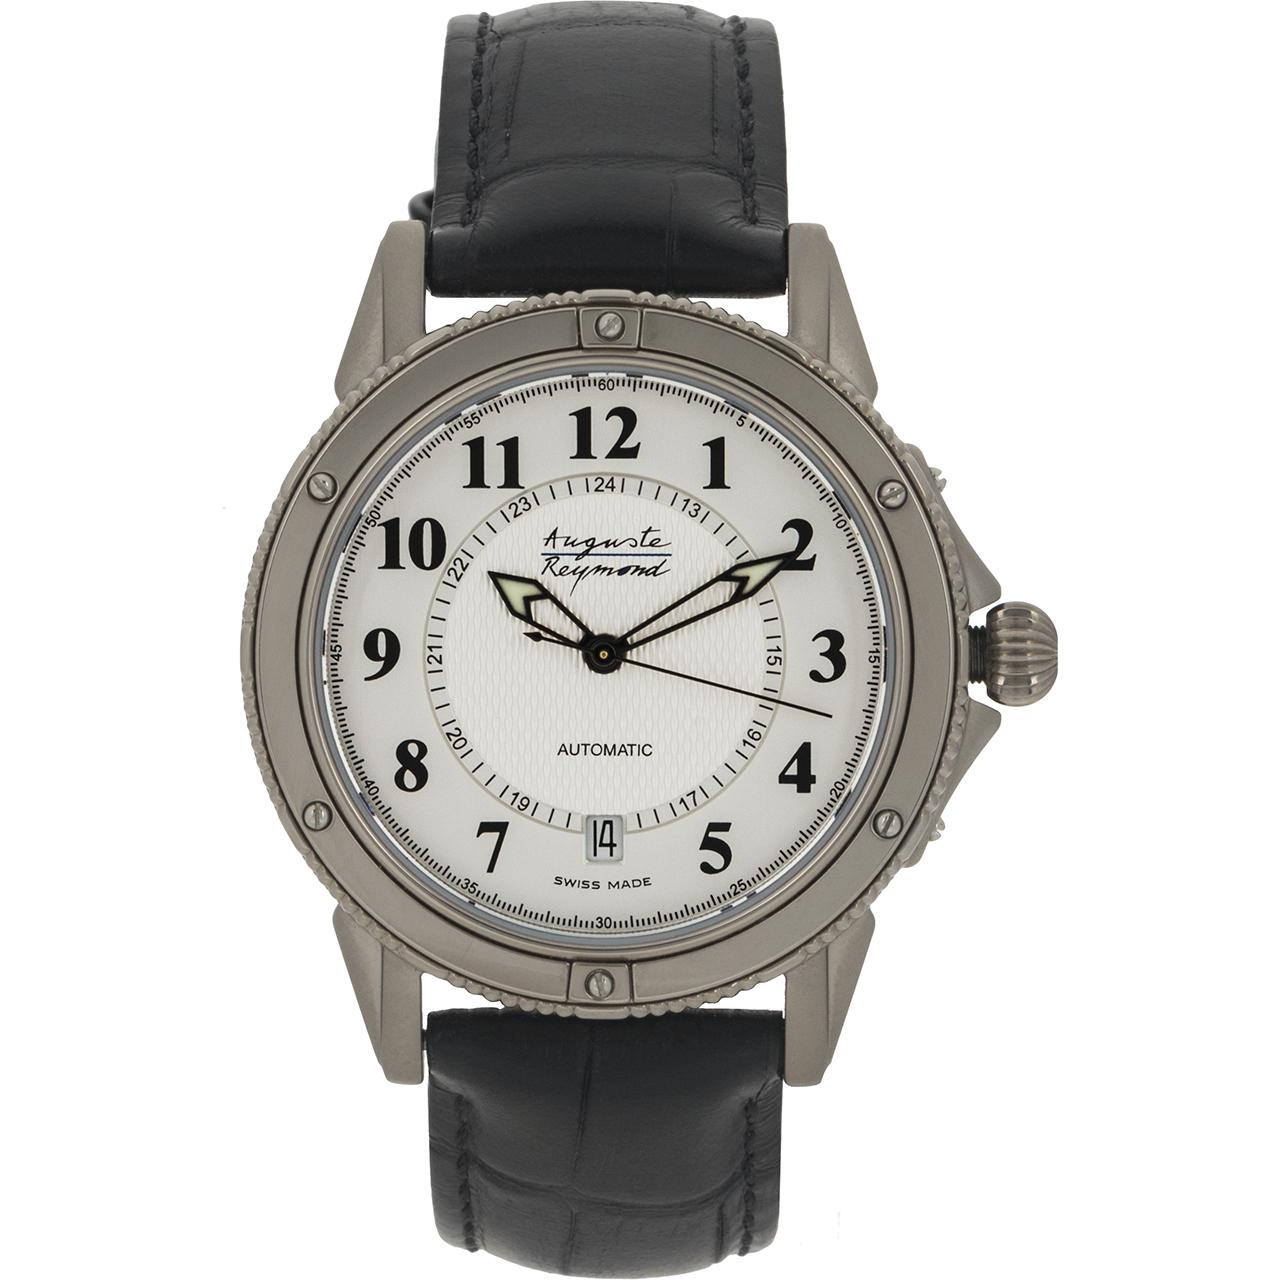 ساعت مچی عقربه ای مردانه آگوست ریموند مدل M-89B700-54C